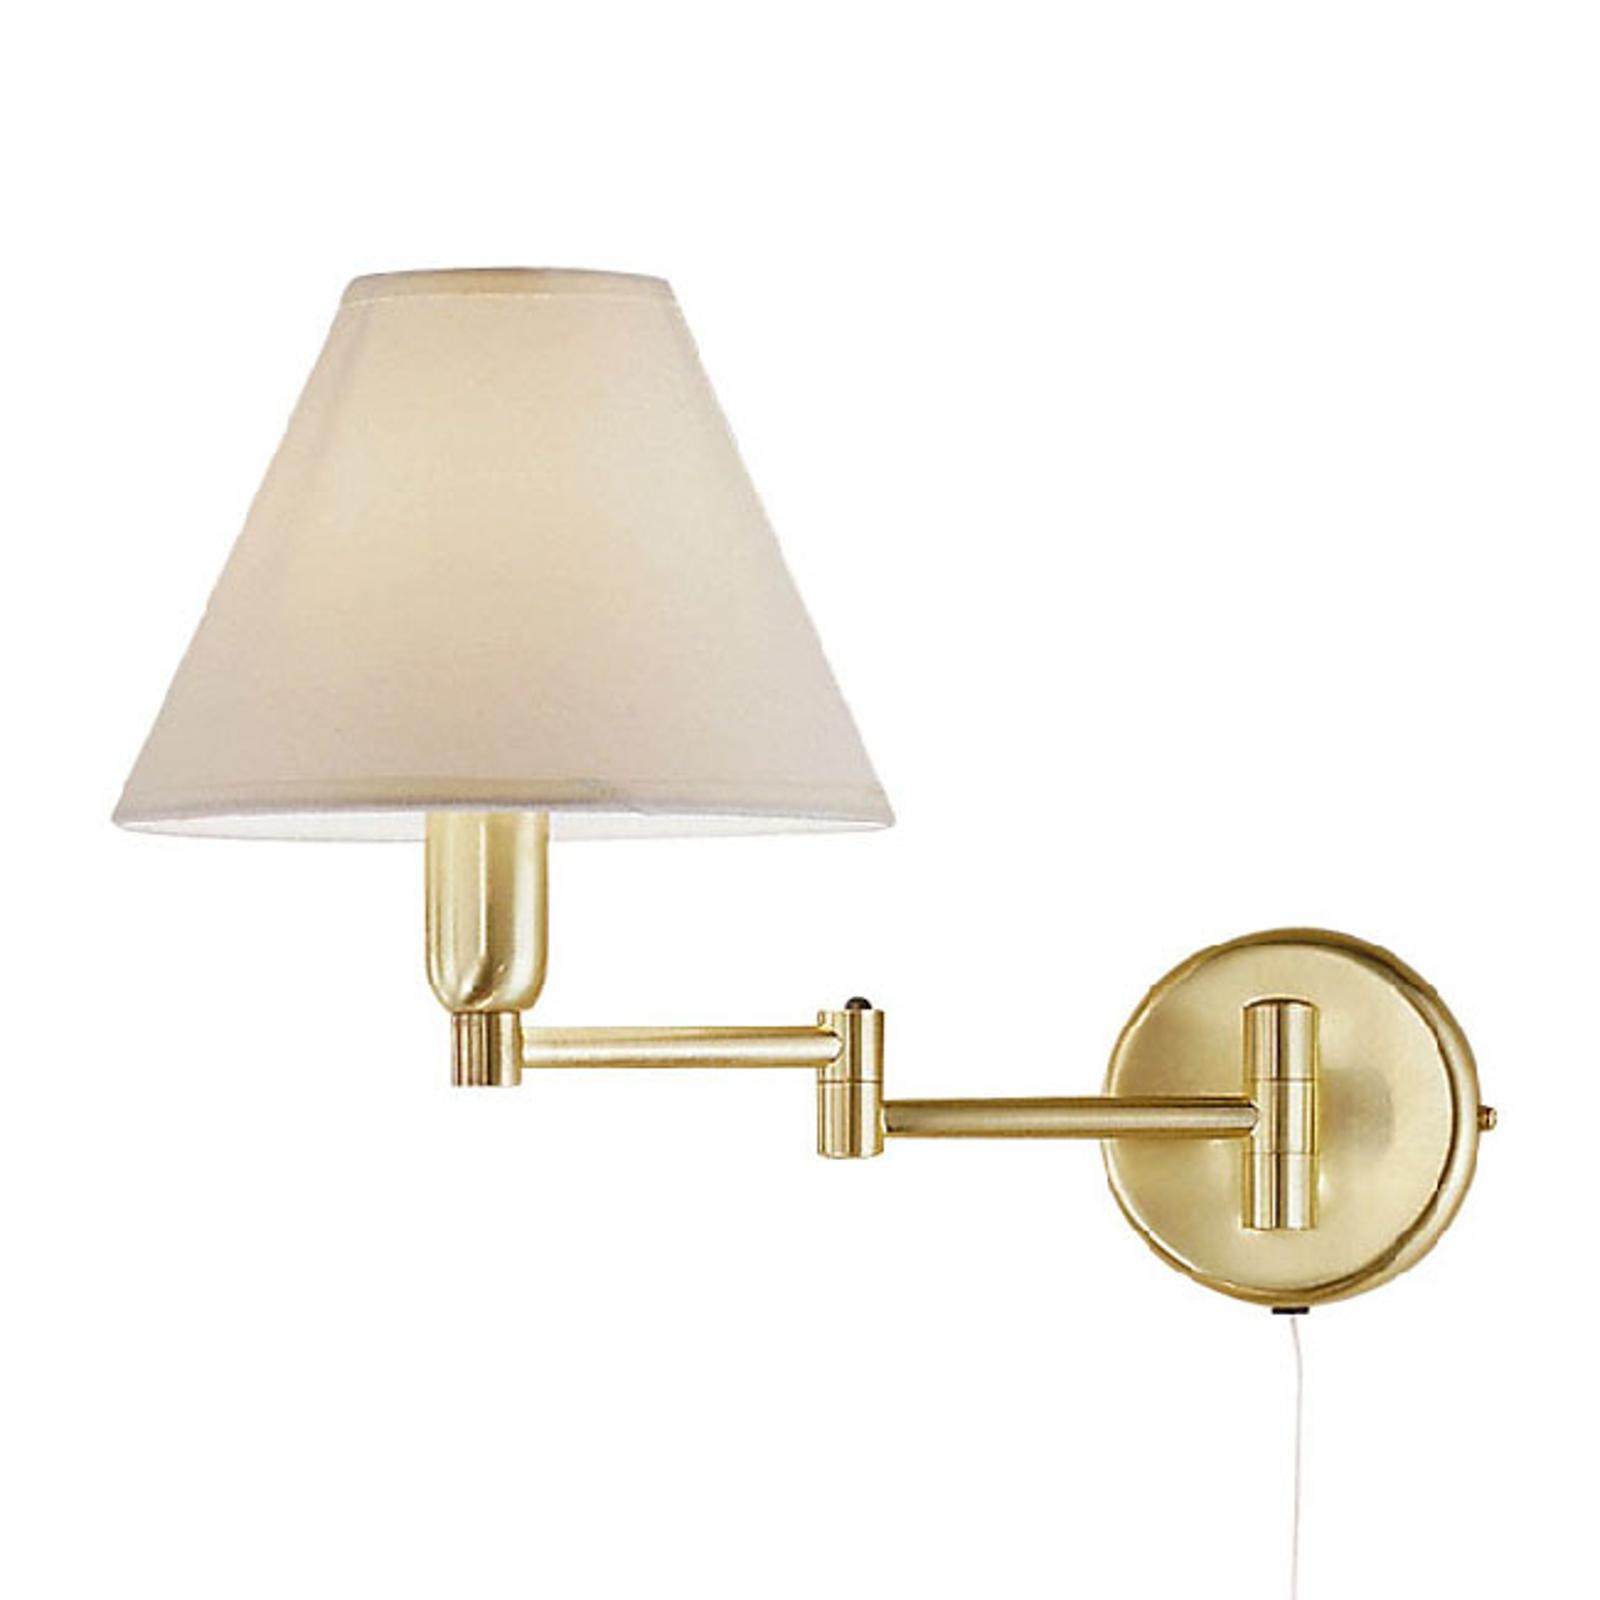 Lampa ścienna Hilton biały klosz tekstylny mosiądz